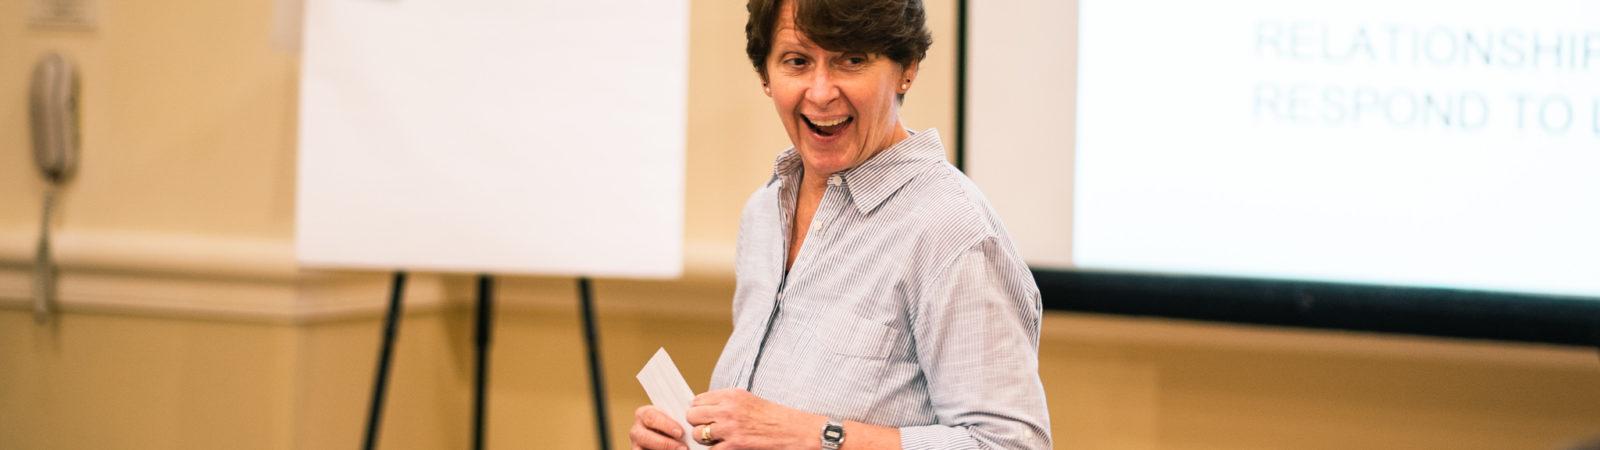 Photo of facilitator teaching courses